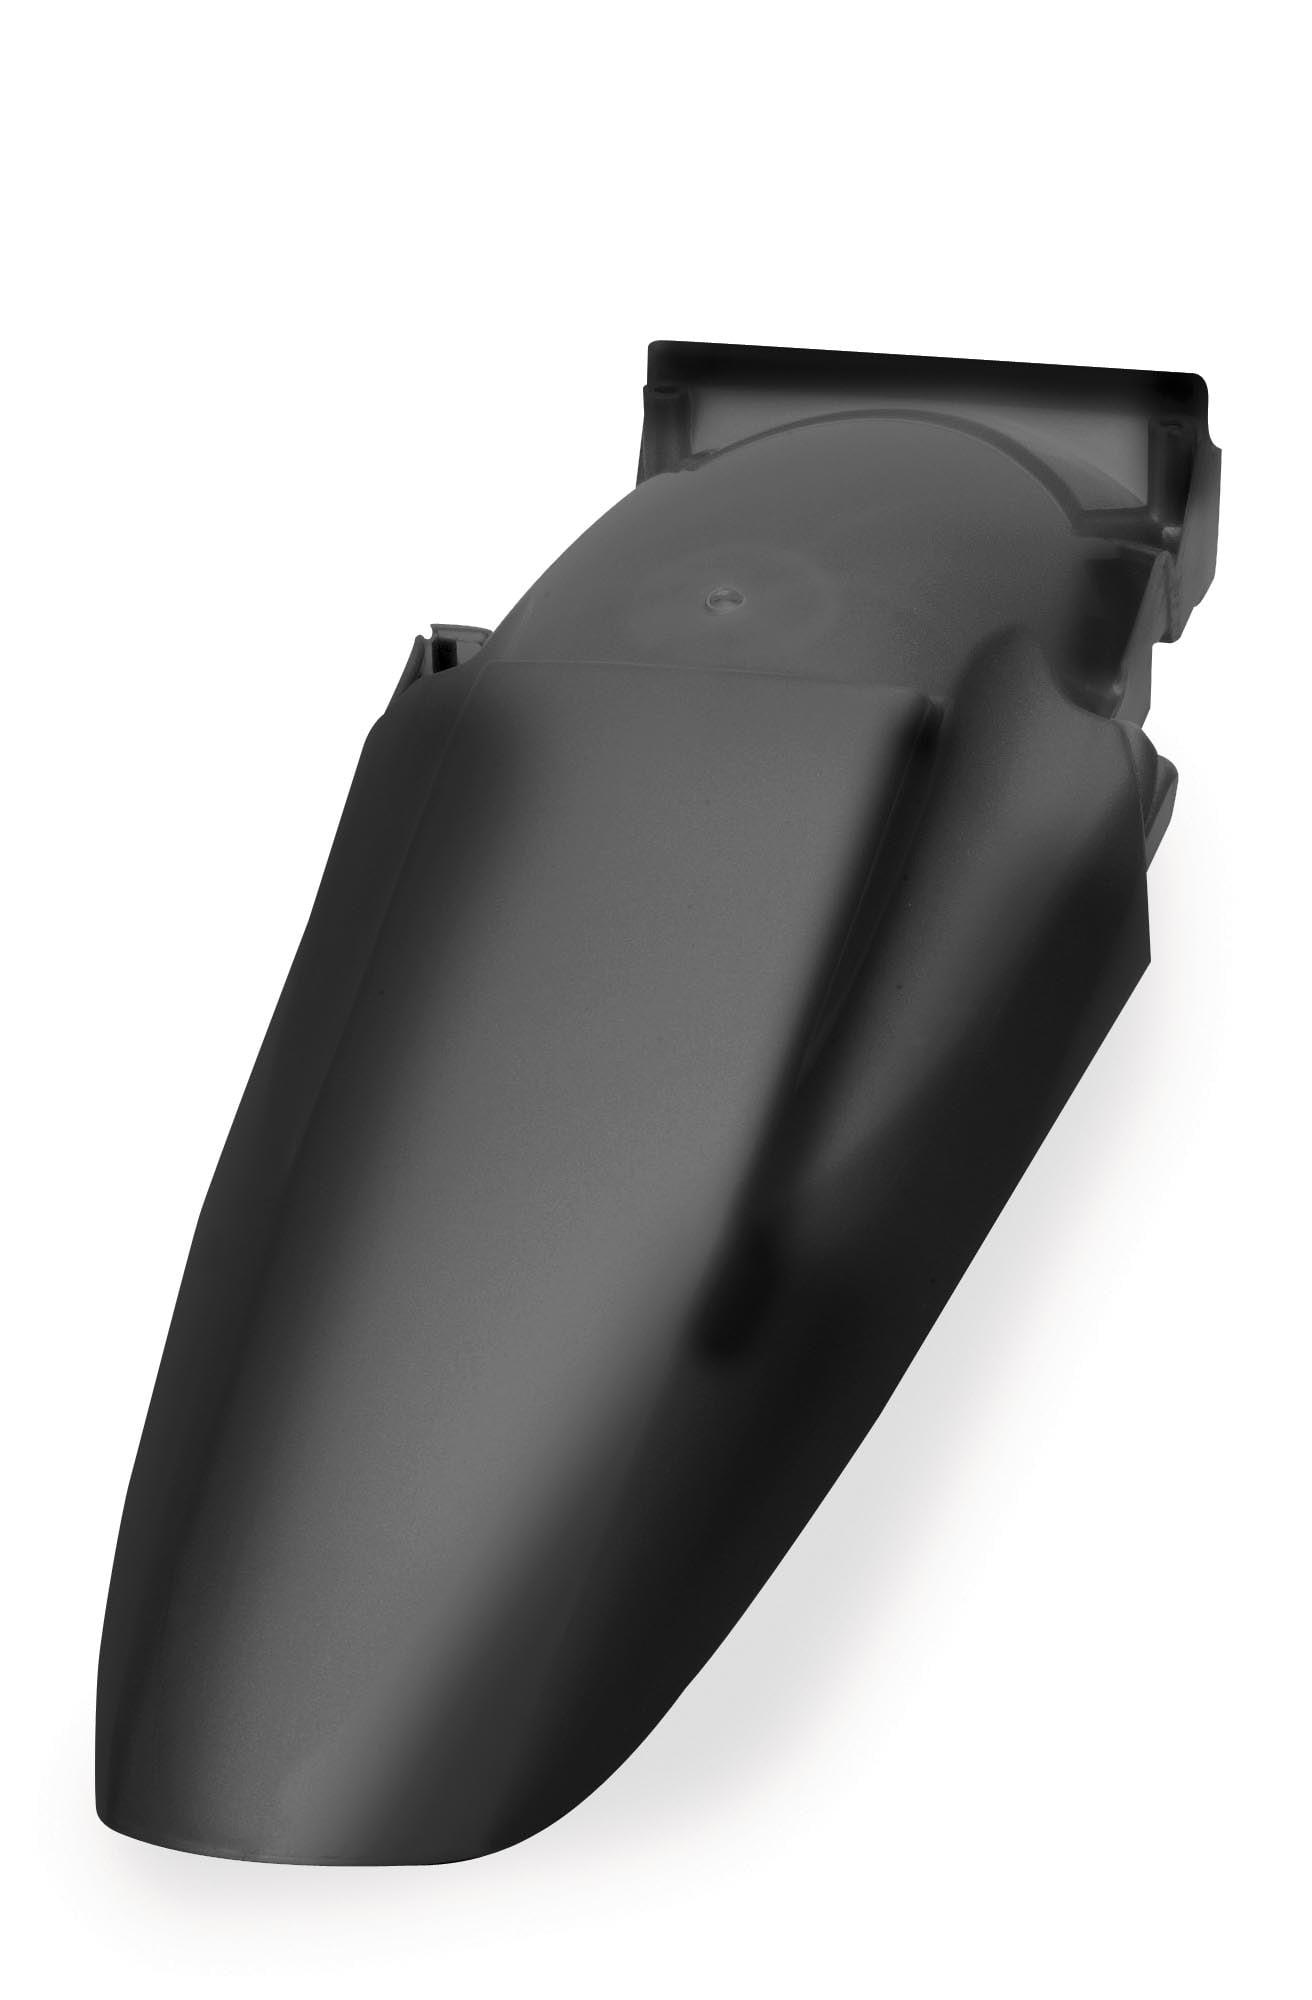 Polisport Rear Fender Black 8552900002